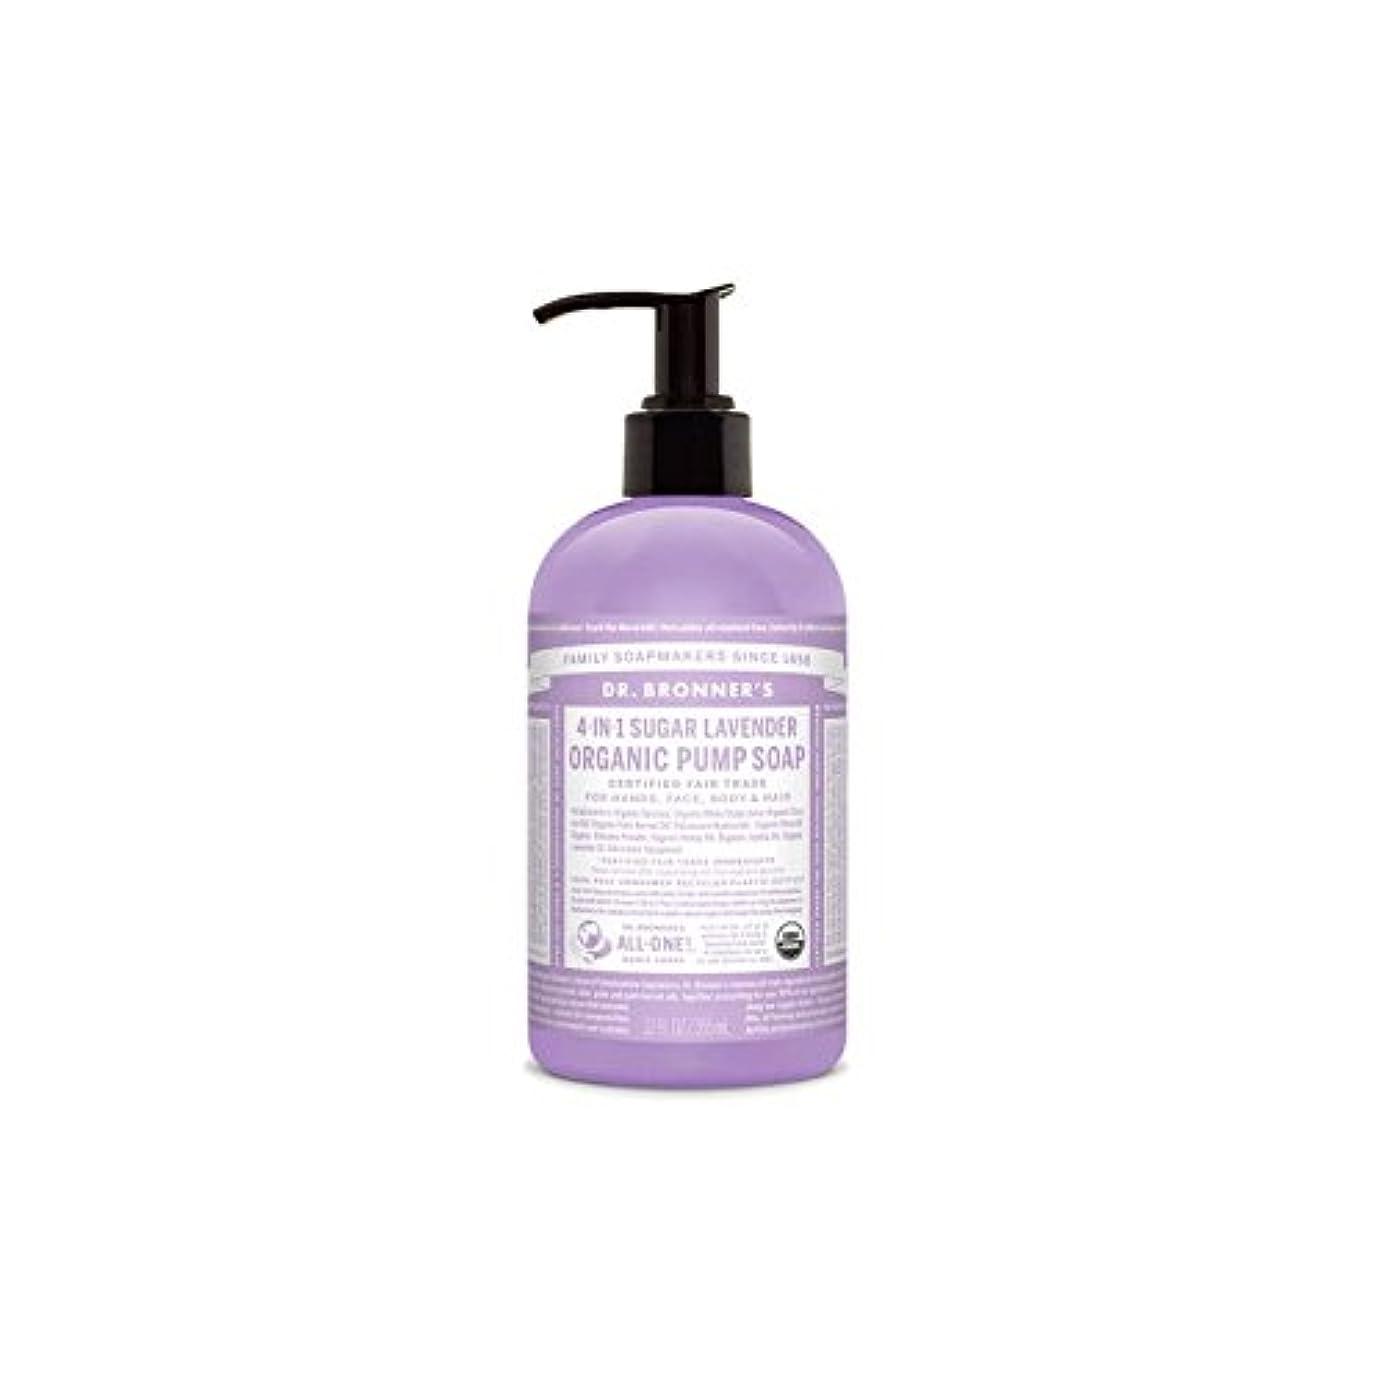 海上金曜日枠ブロナー有機ラベンダーハンドソープ(355ミリリットル) x4 - Dr. Bronner Organic Shikakai Lavender Hand Soap (355ml) (Pack of 4) [並行輸入品]